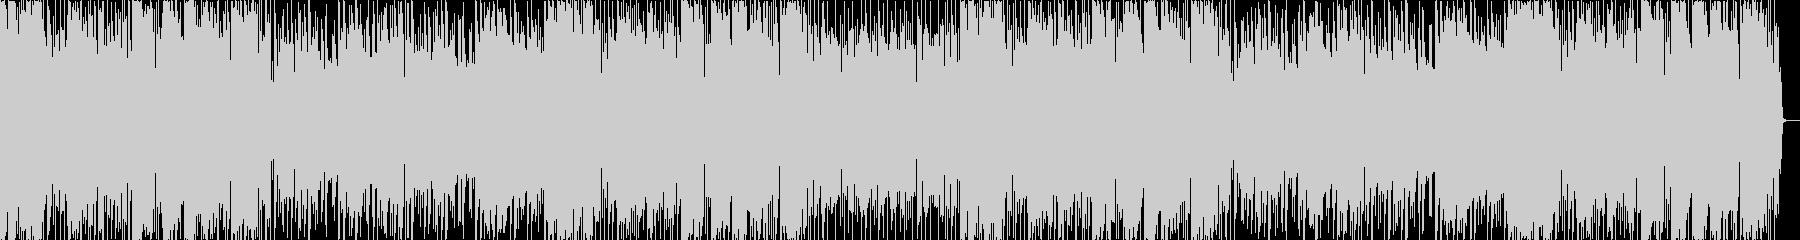 ほのぼのとした日常系の音楽の未再生の波形